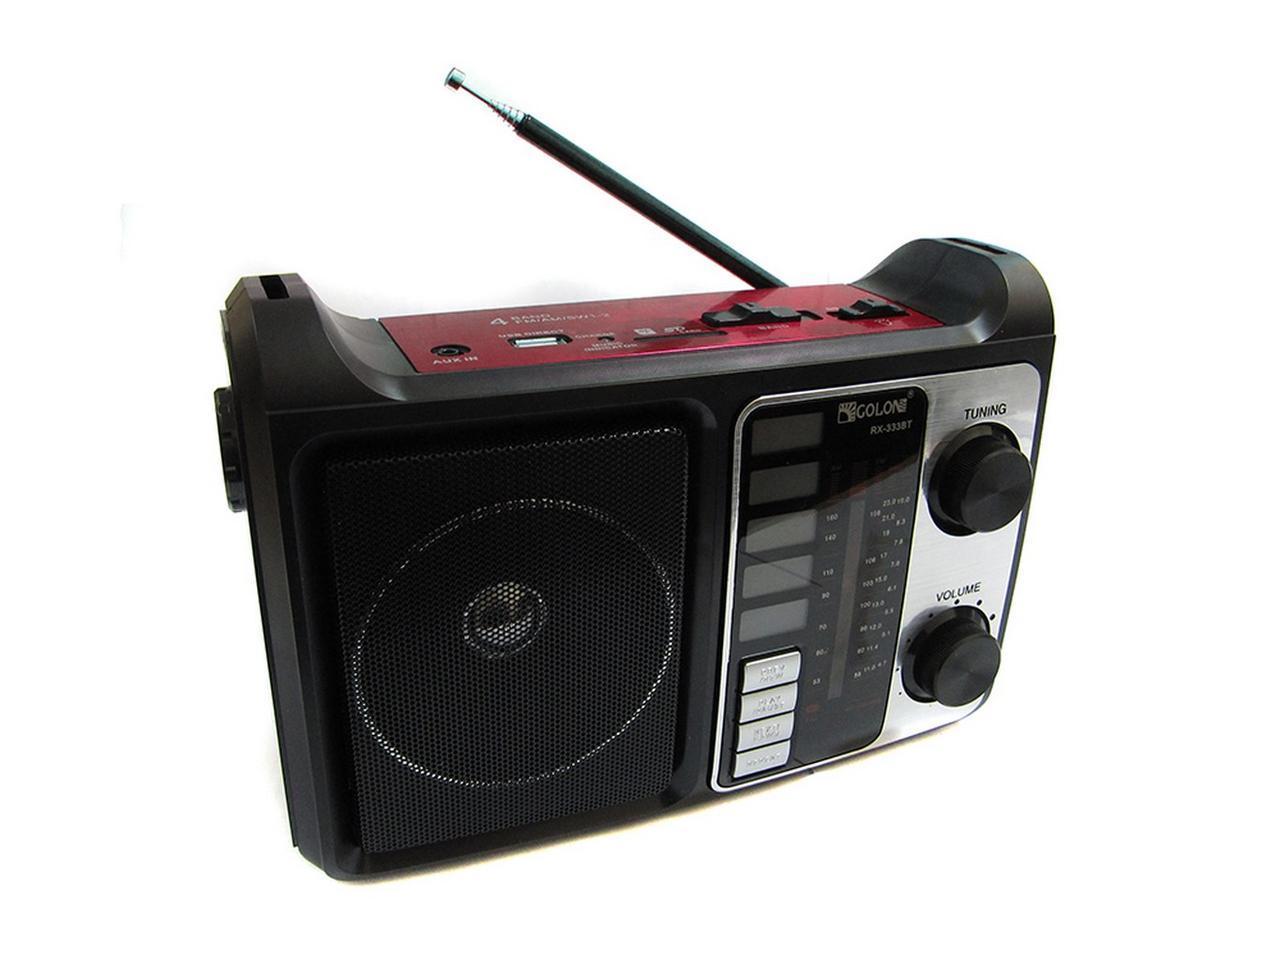 Портативная колонка радио MP3 USB Golon RX-333+BT c Bluetooth Red